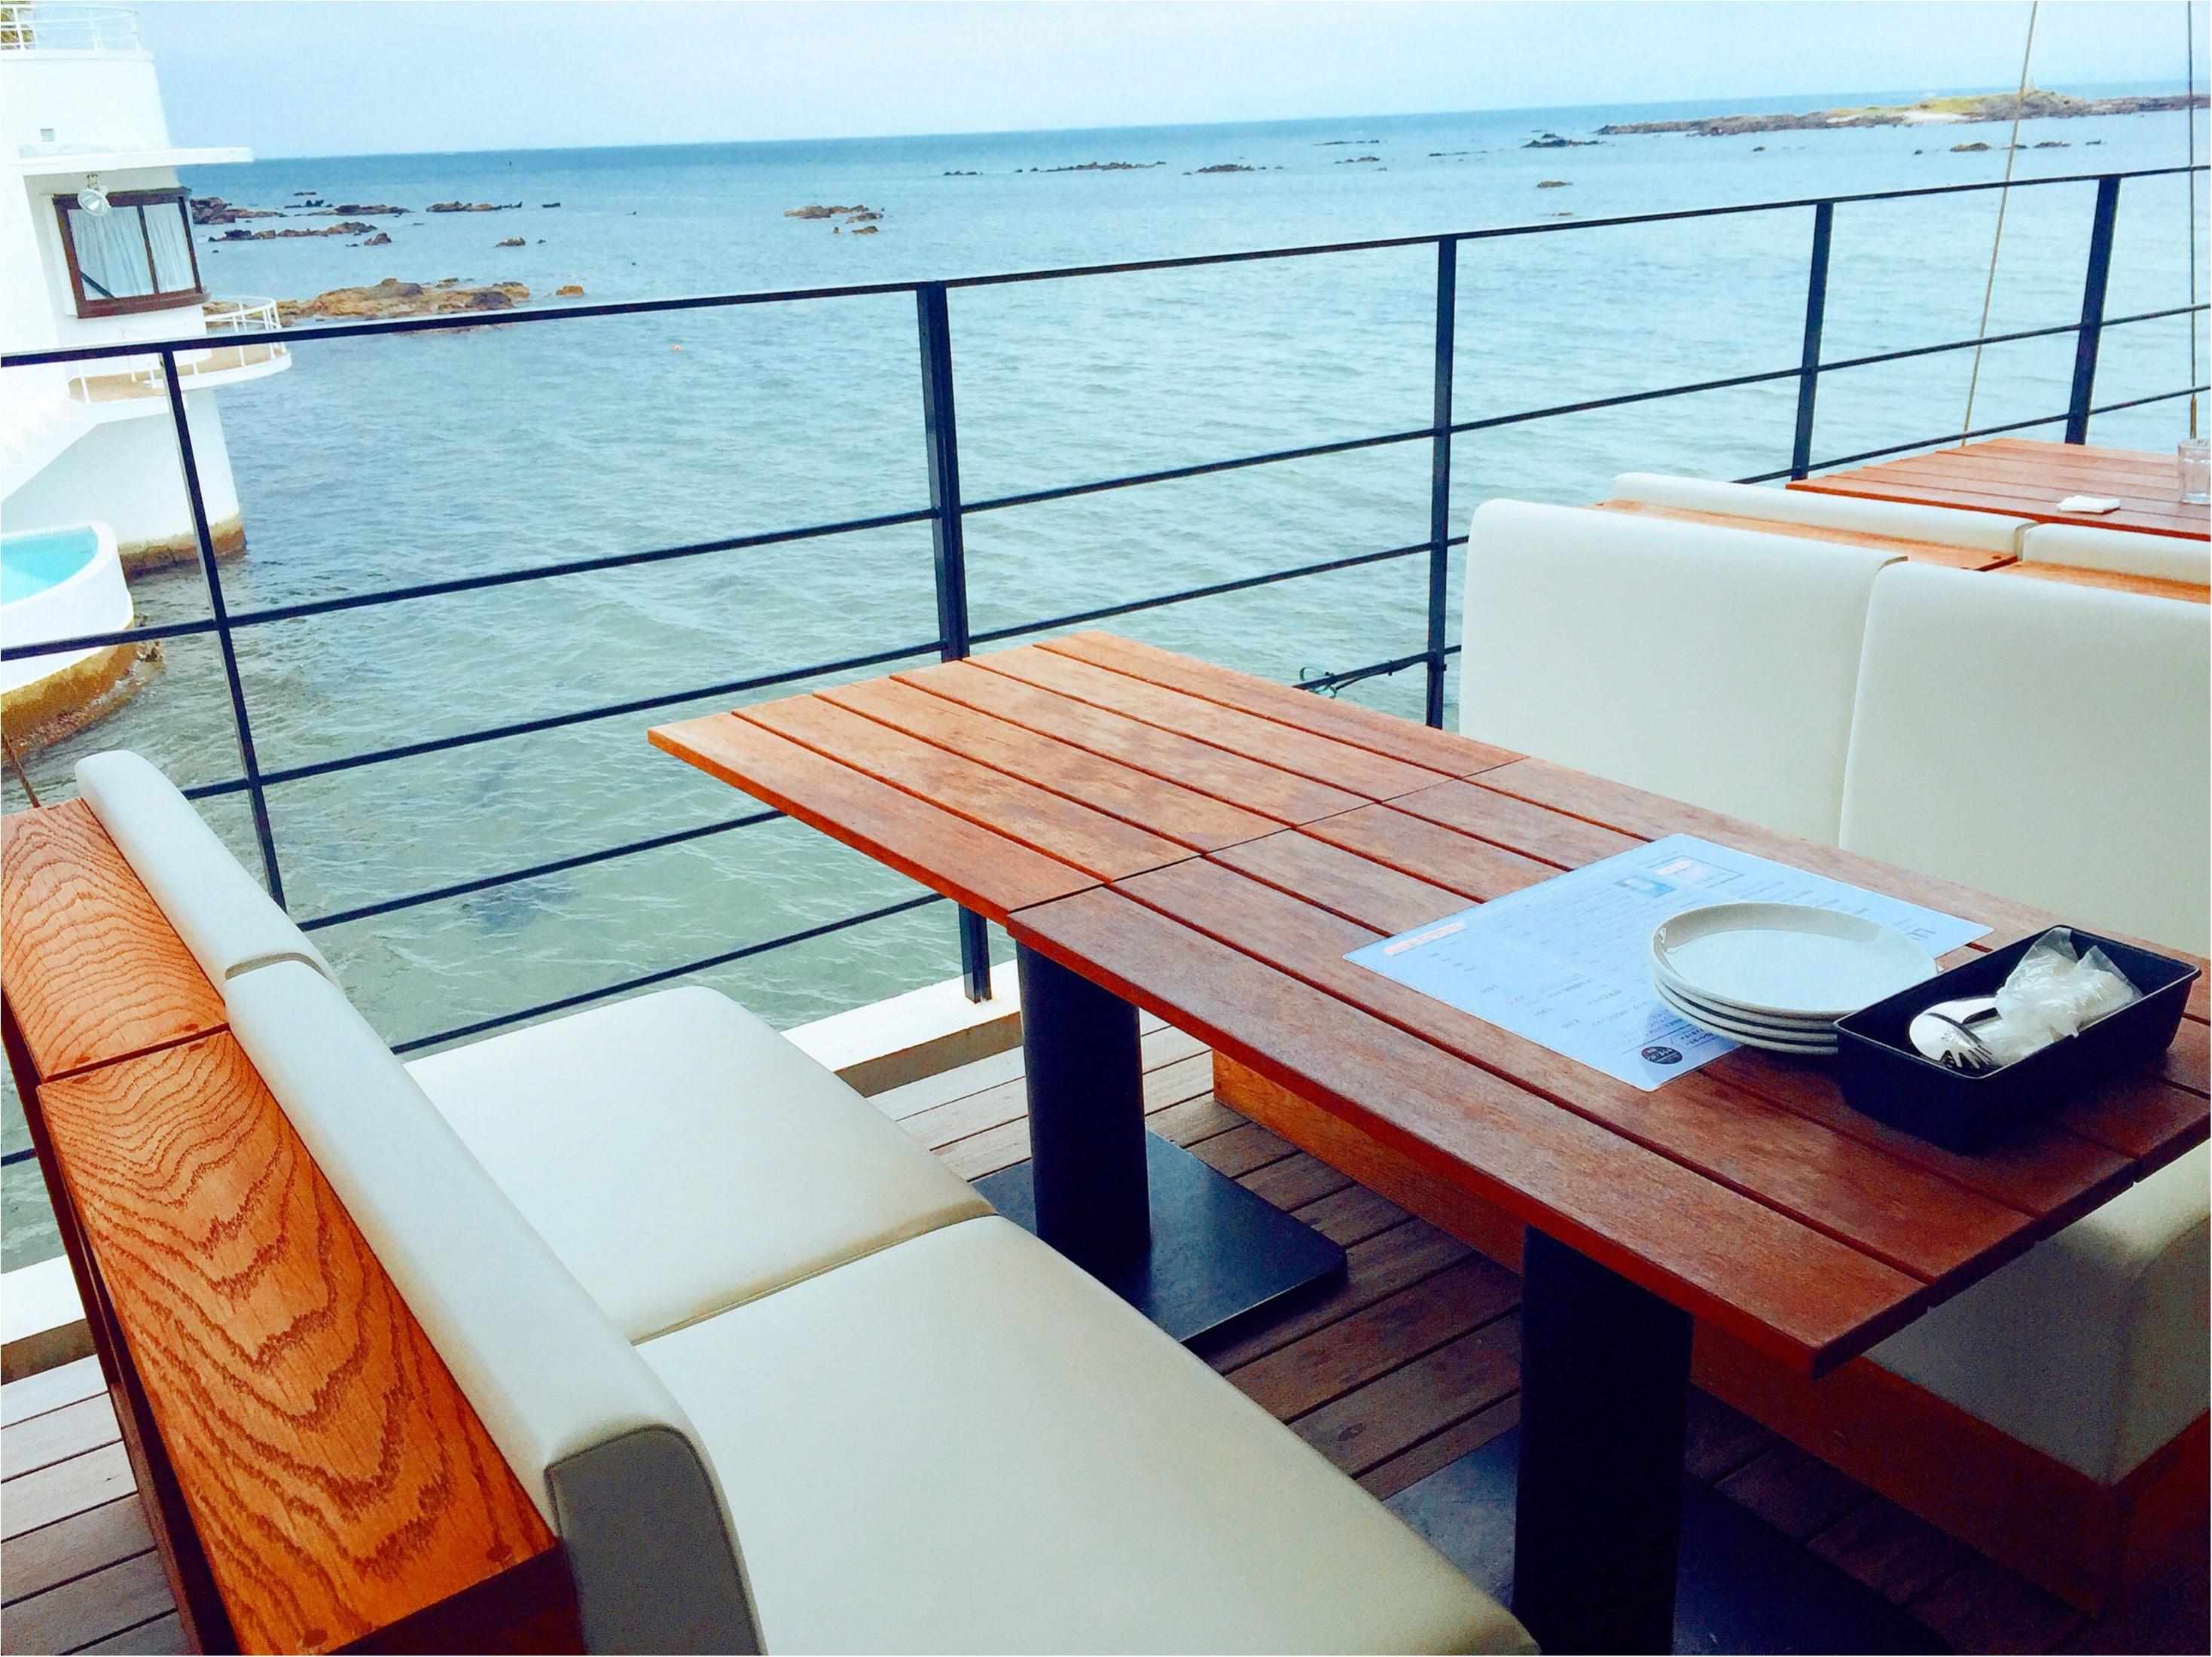 まるで海上レストラン!?海が目の前に広がるテラス席♡三浦半島の【MARINE & FARM(マリンアンドファーム)】が大人気なワケ♡_6